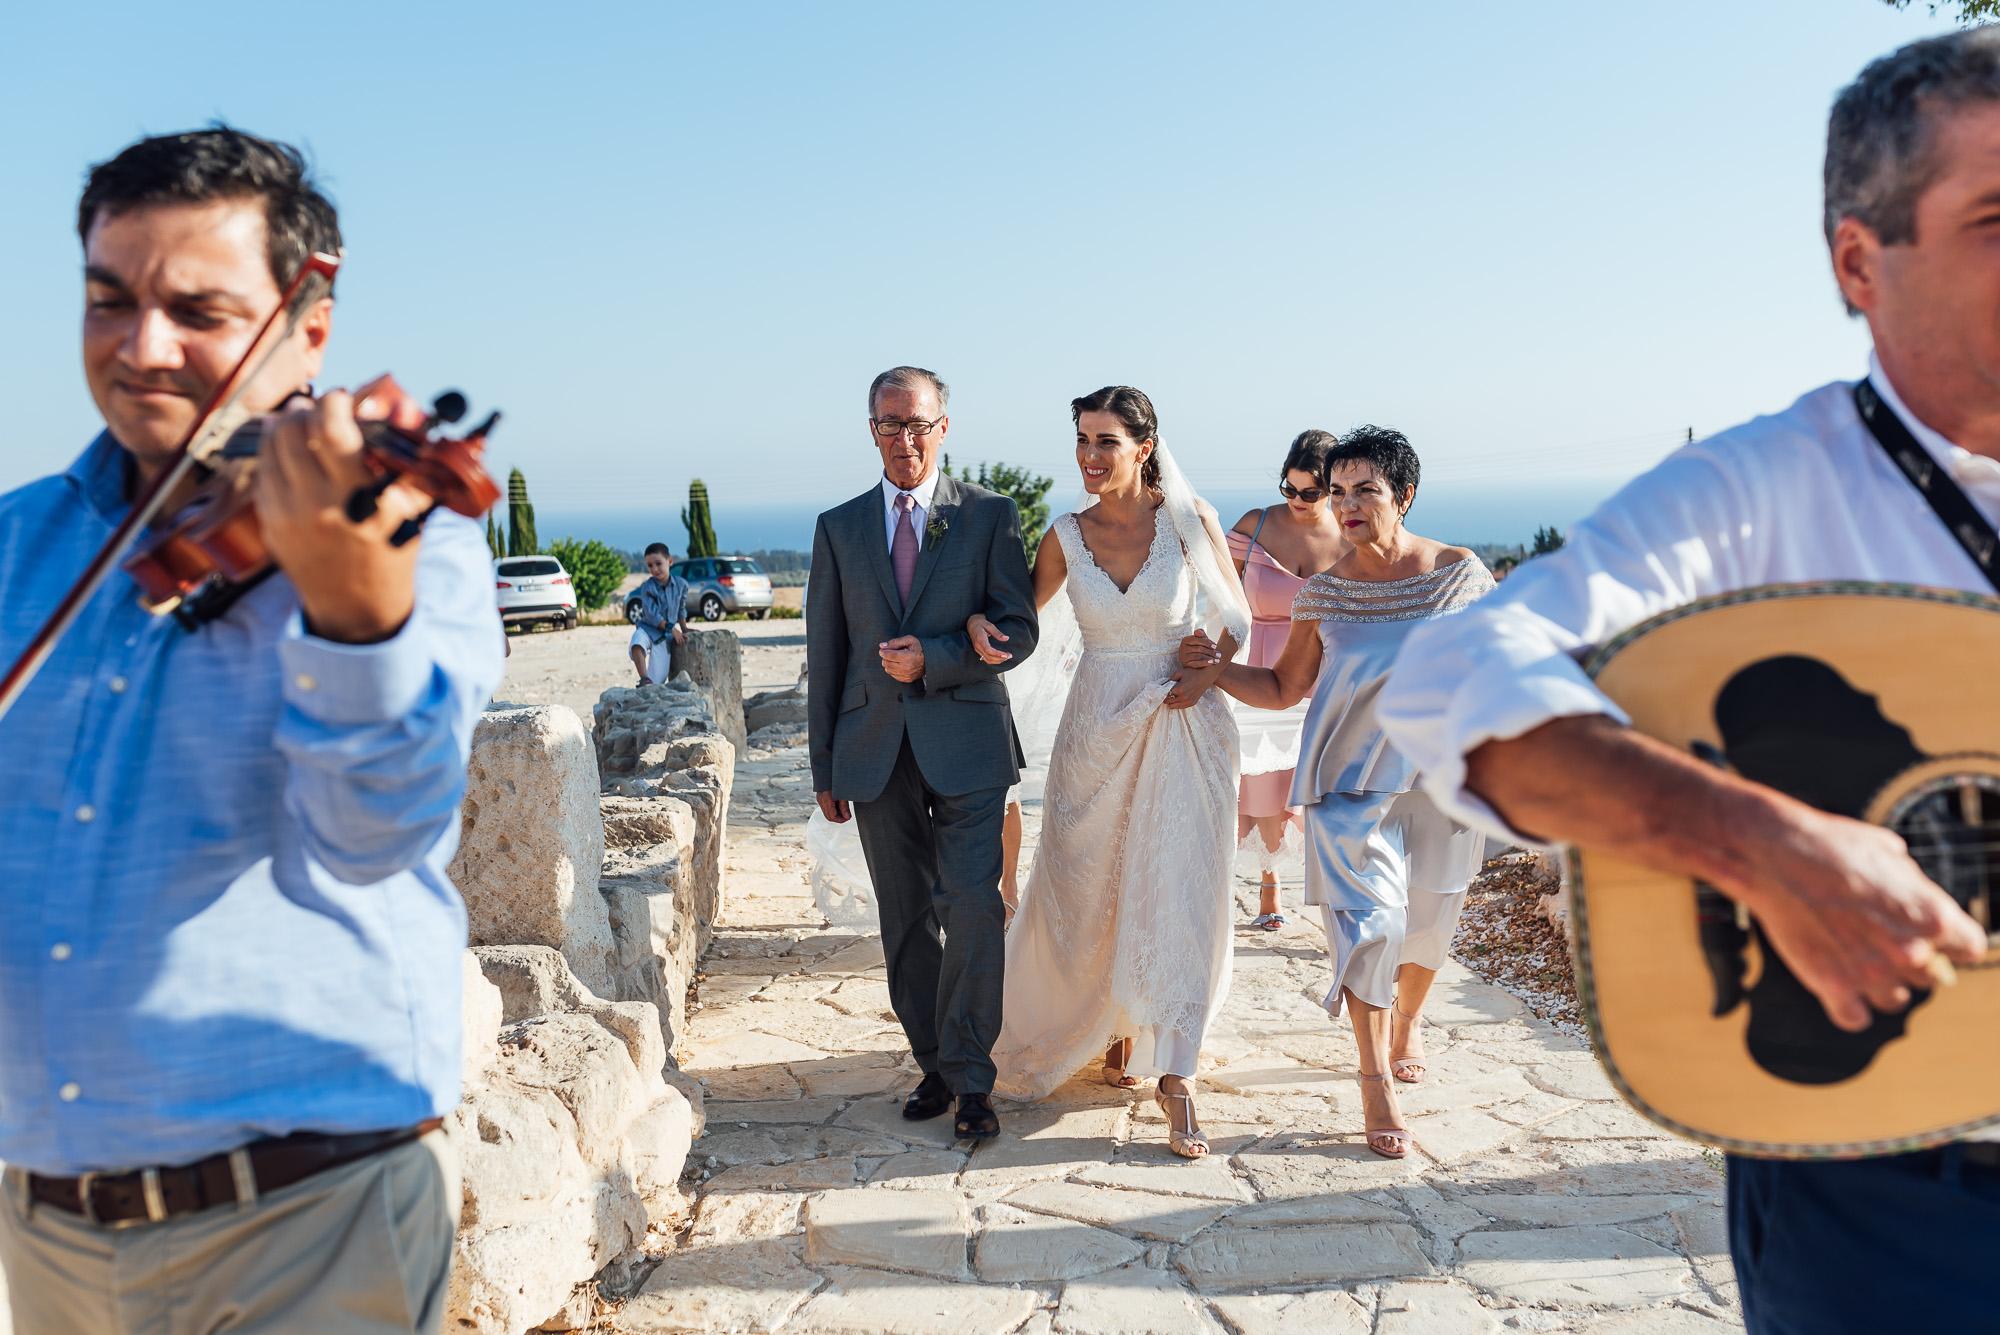 Wedding - 01.09 (19).jpg